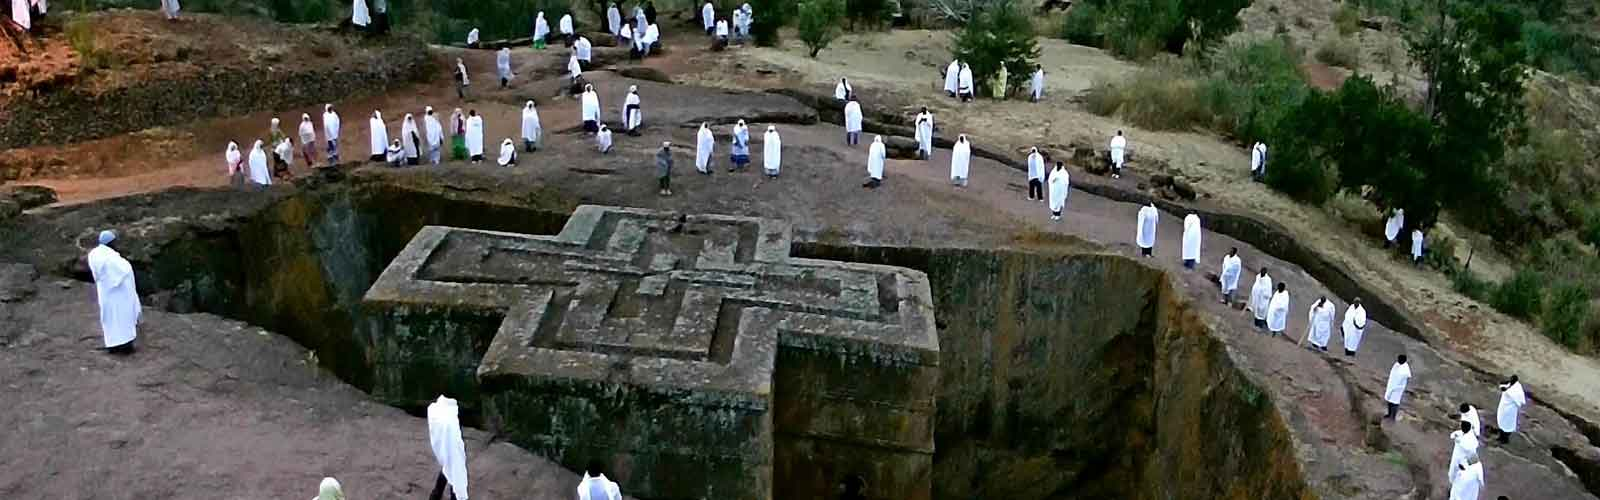 Ethiopian Pilgrimage Tour   Safari DMC